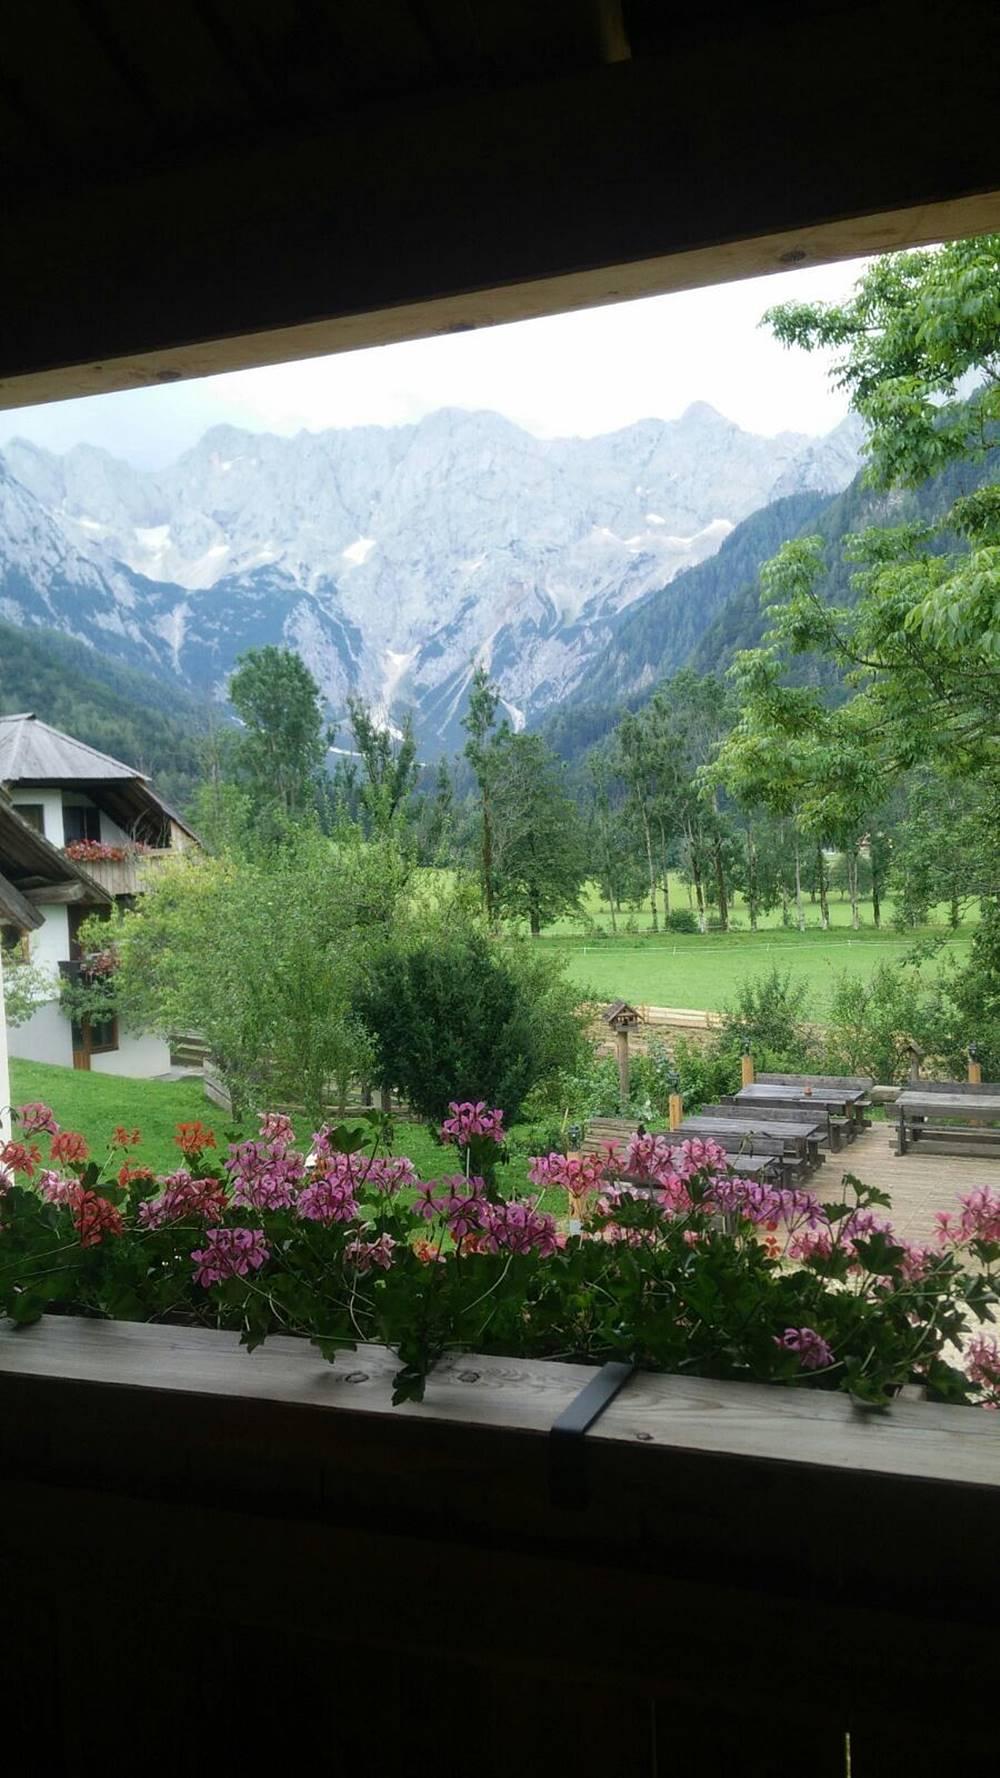 Analia E Eslovenia Tierra de Dragones Verano 2016 NUestro balcon en los Alpes